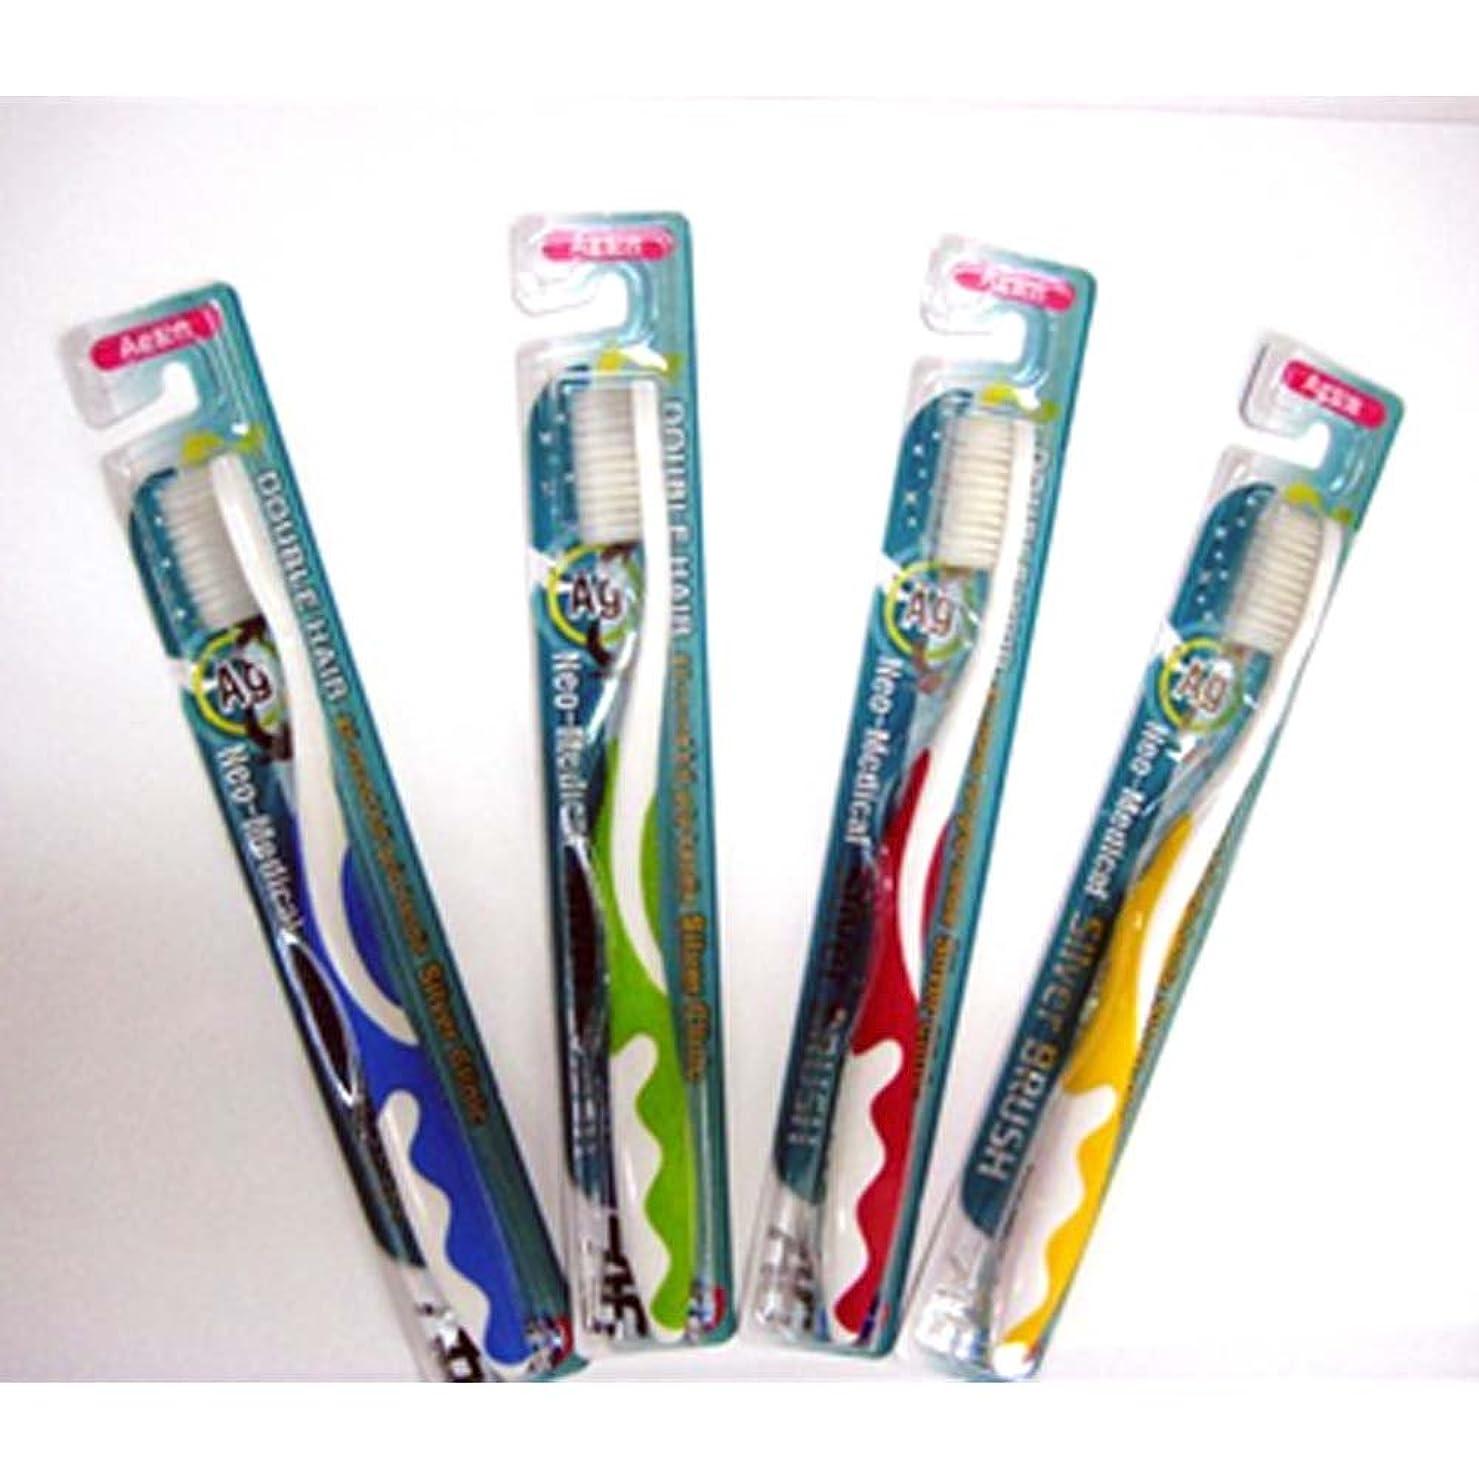 ピース広告するうがいネオG1 シルバー(Ag) 歯ブラシ